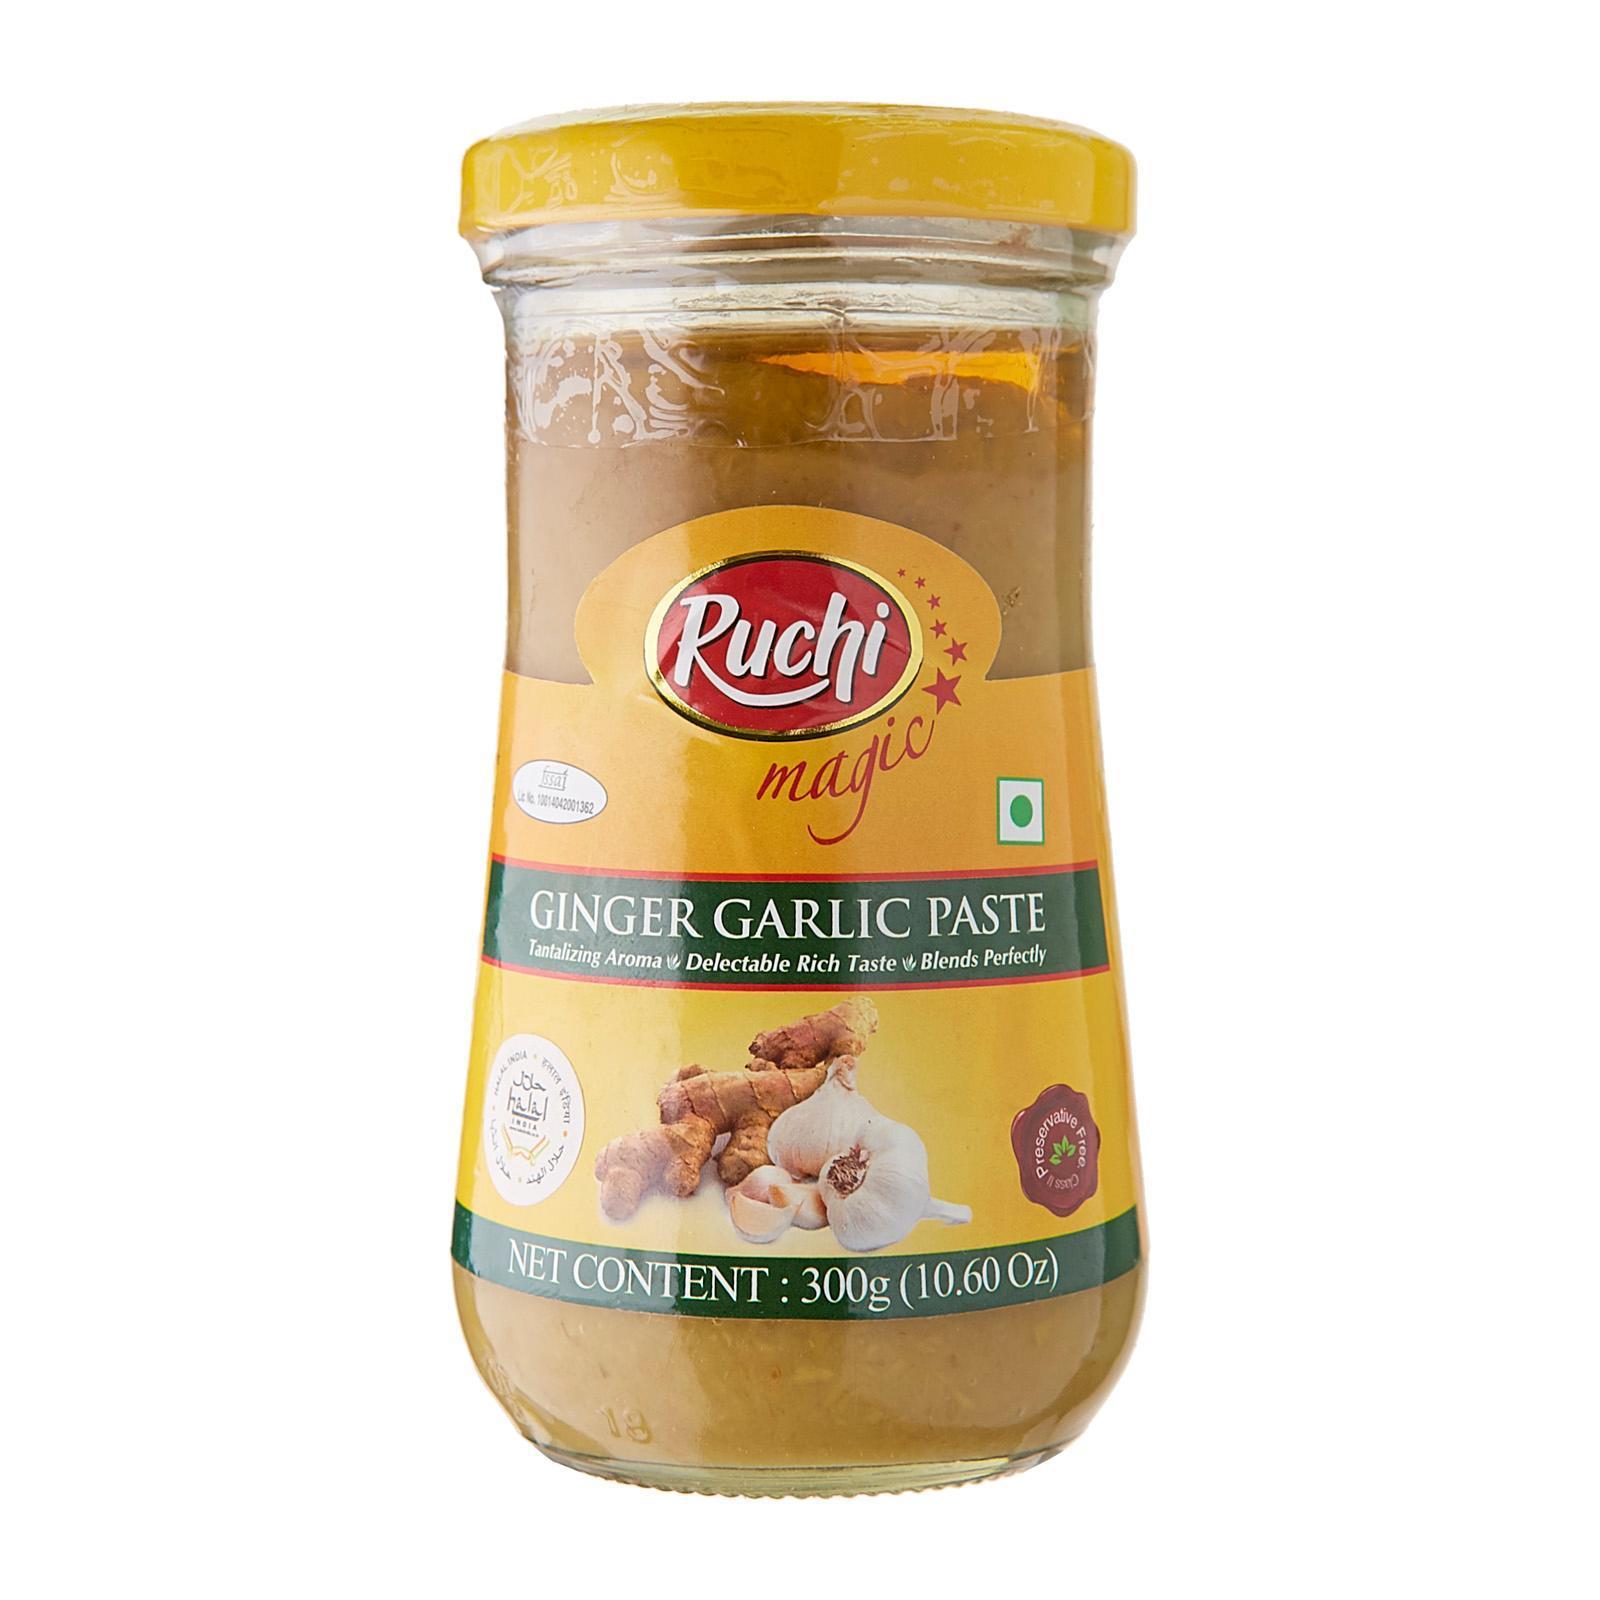 Ruchi Ginger Garlic Paste